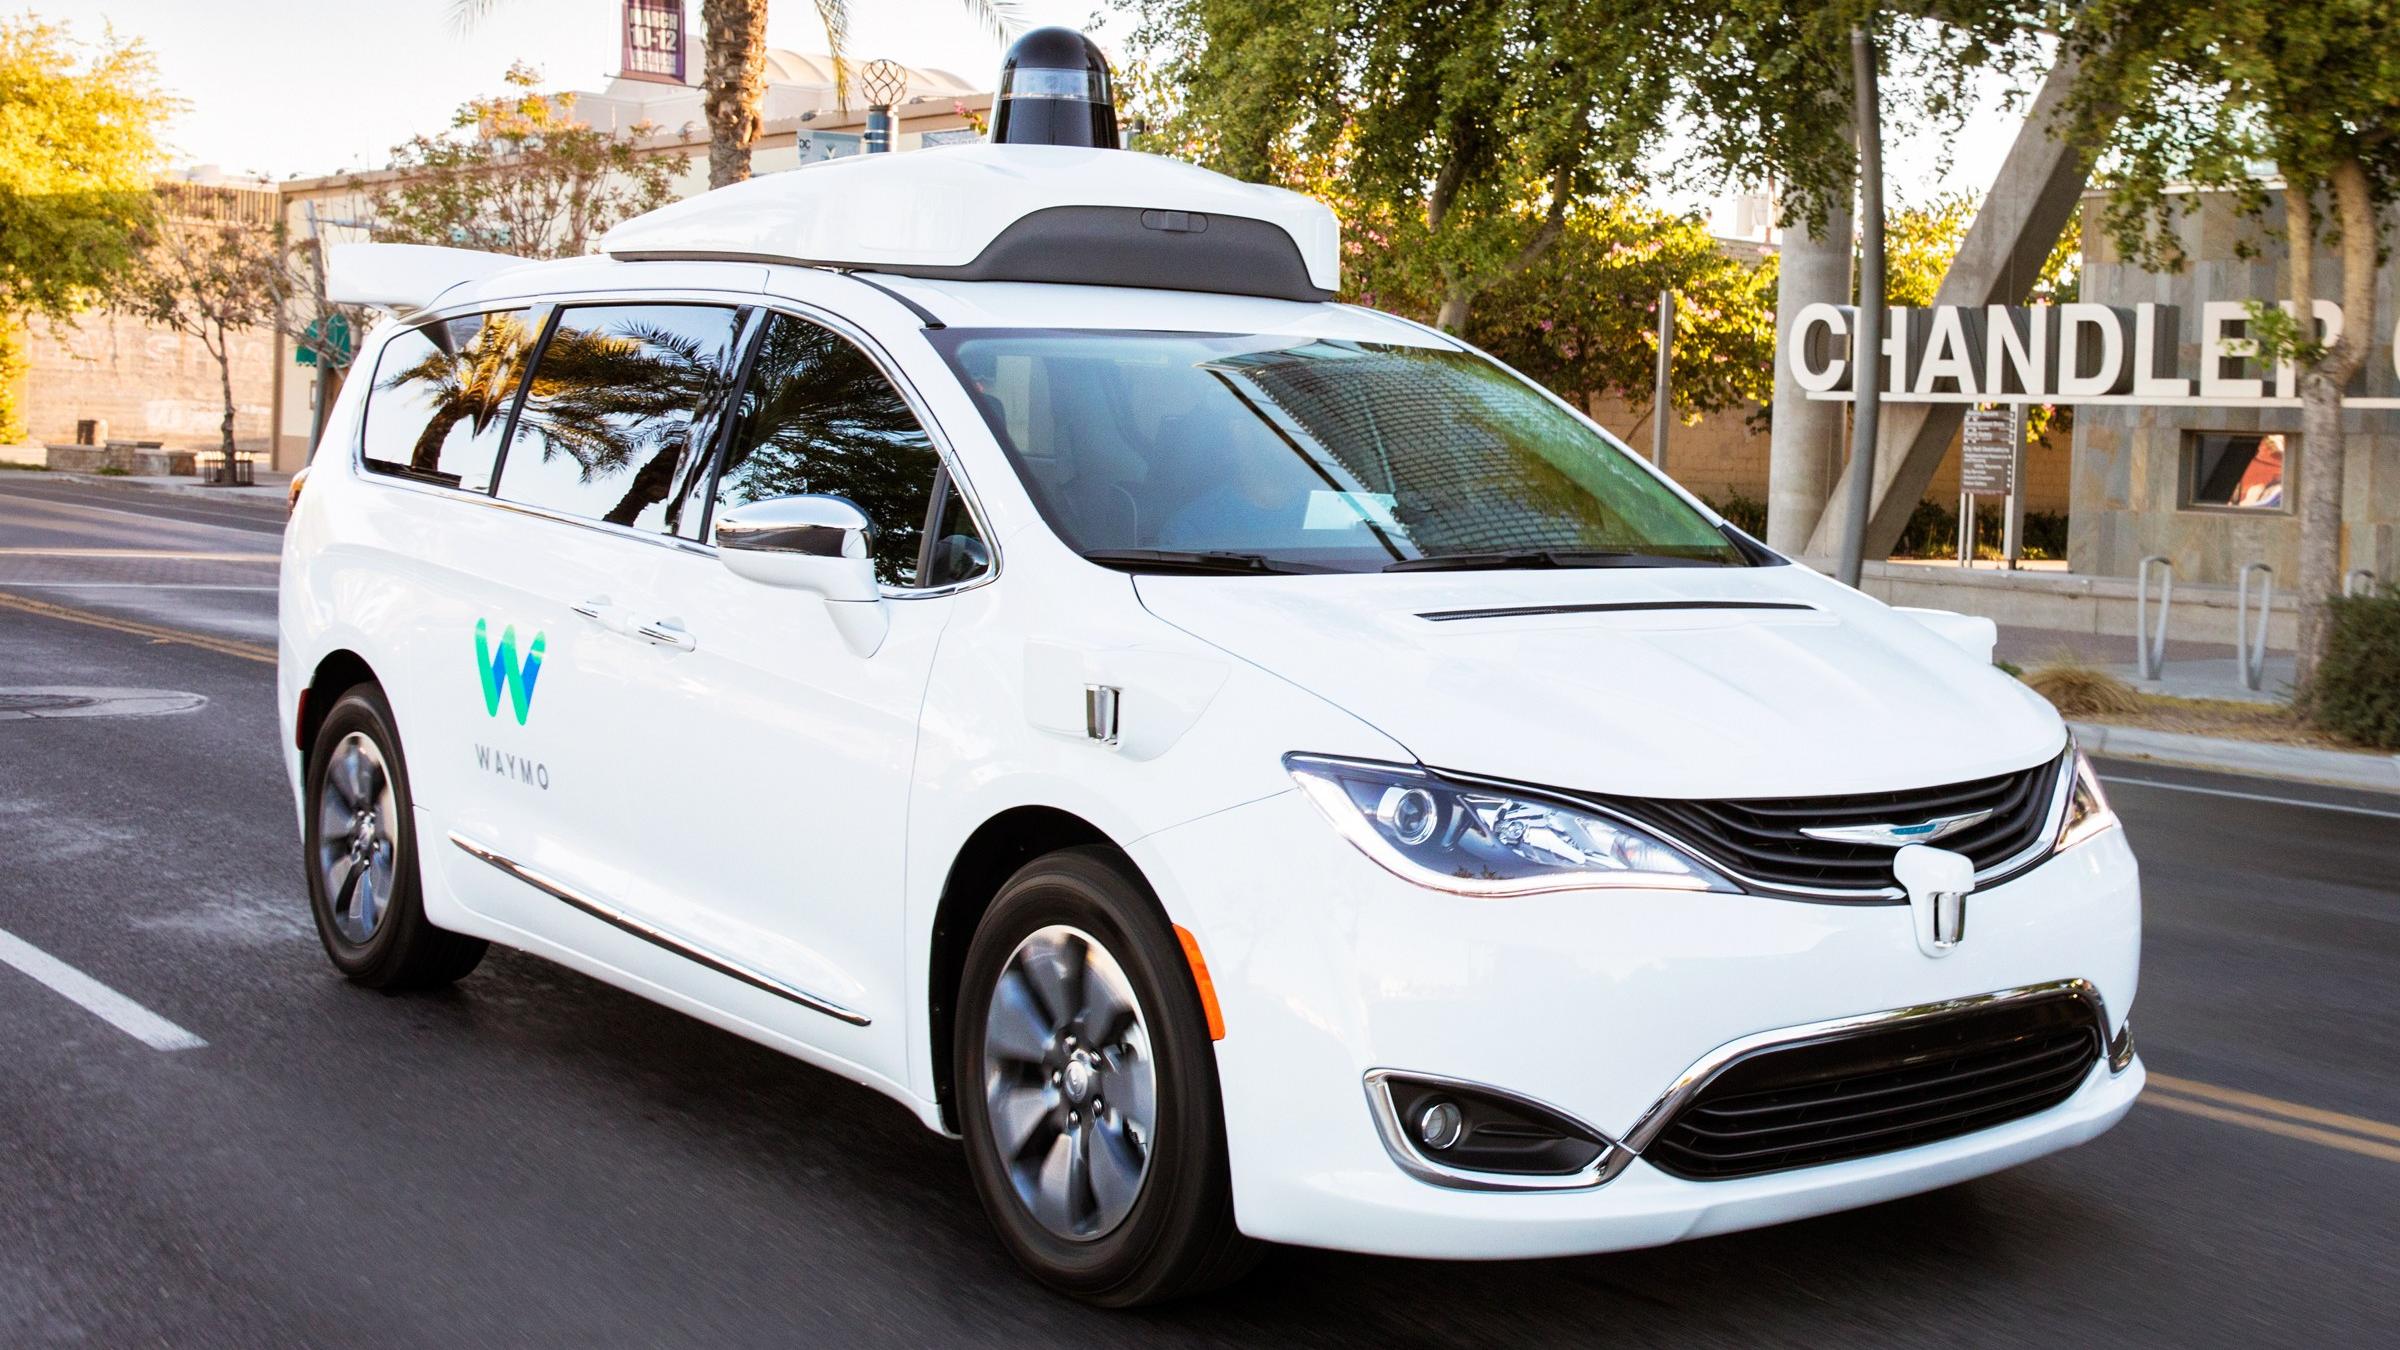 谷歌邮件曝光:无人车项目提防百度、滴滴、Uber